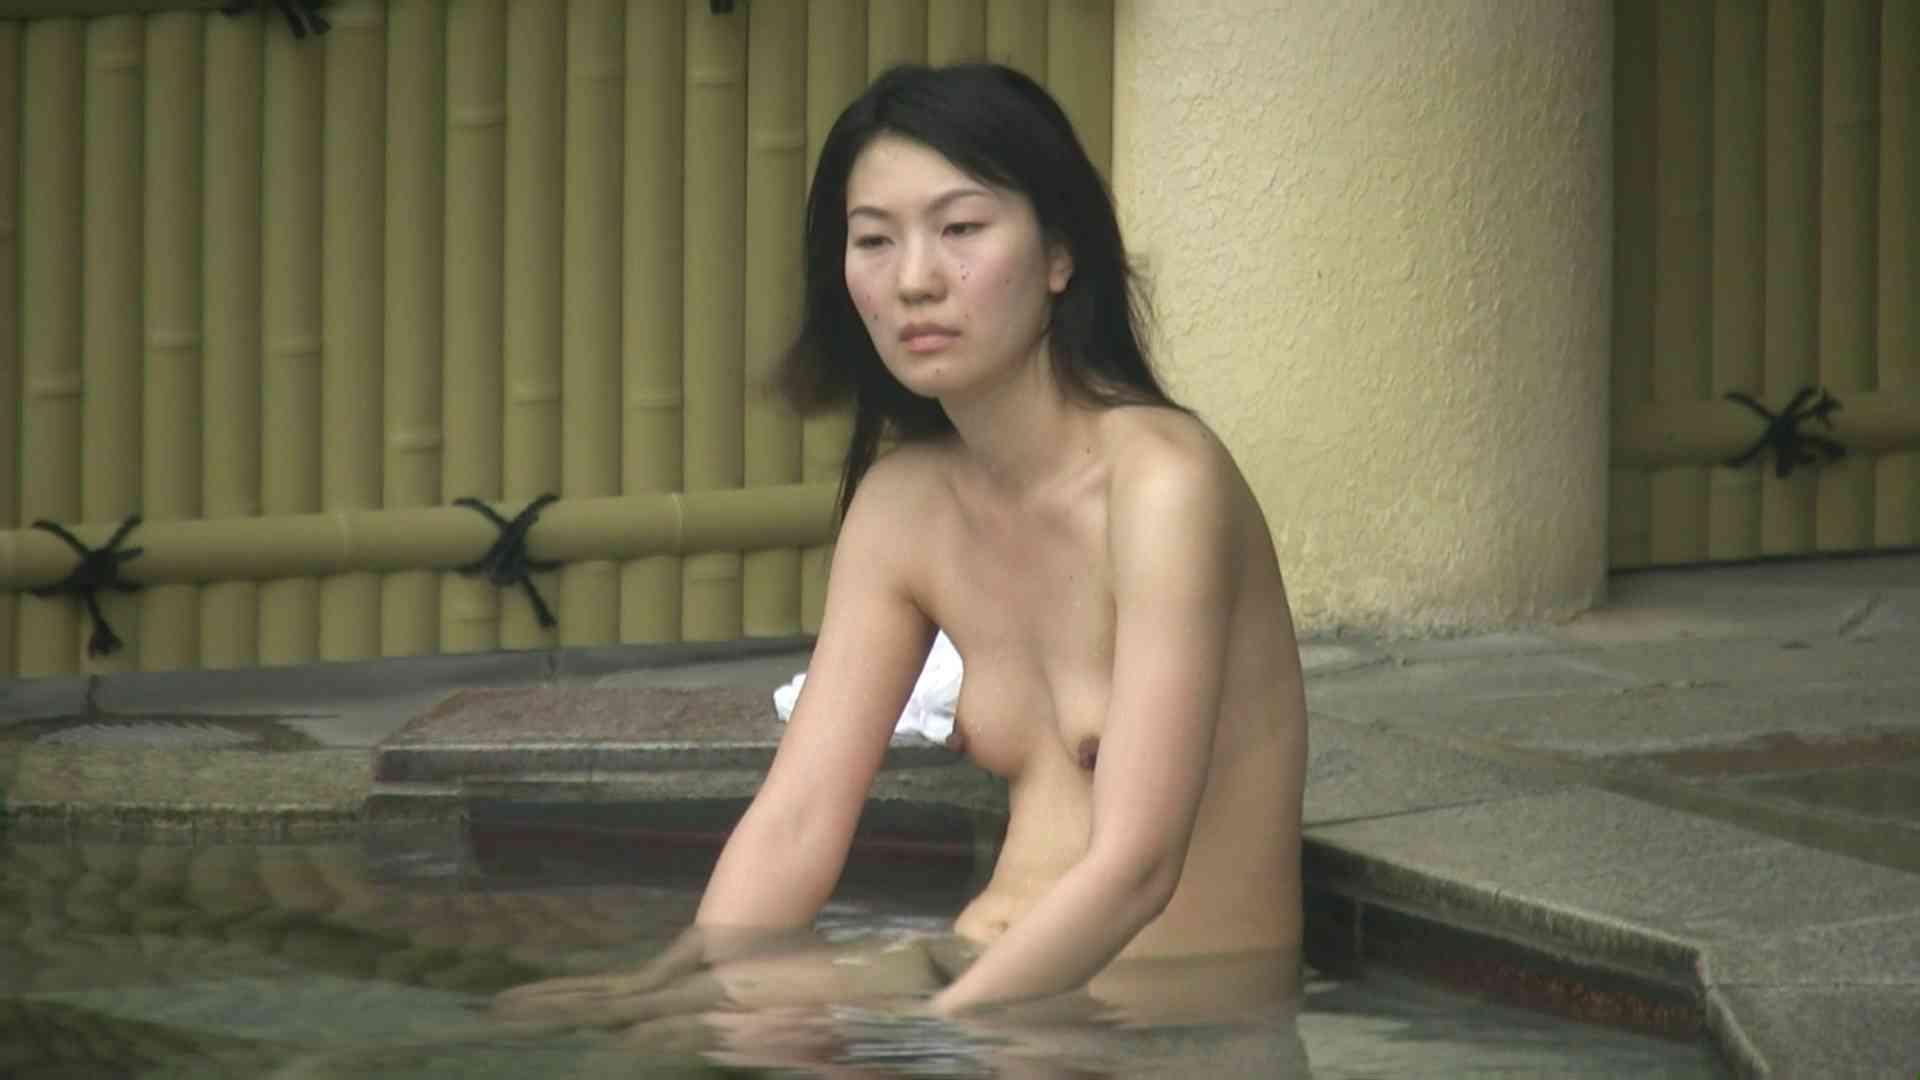 高画質露天女風呂観察 vol.034 高画質  103PIX 96